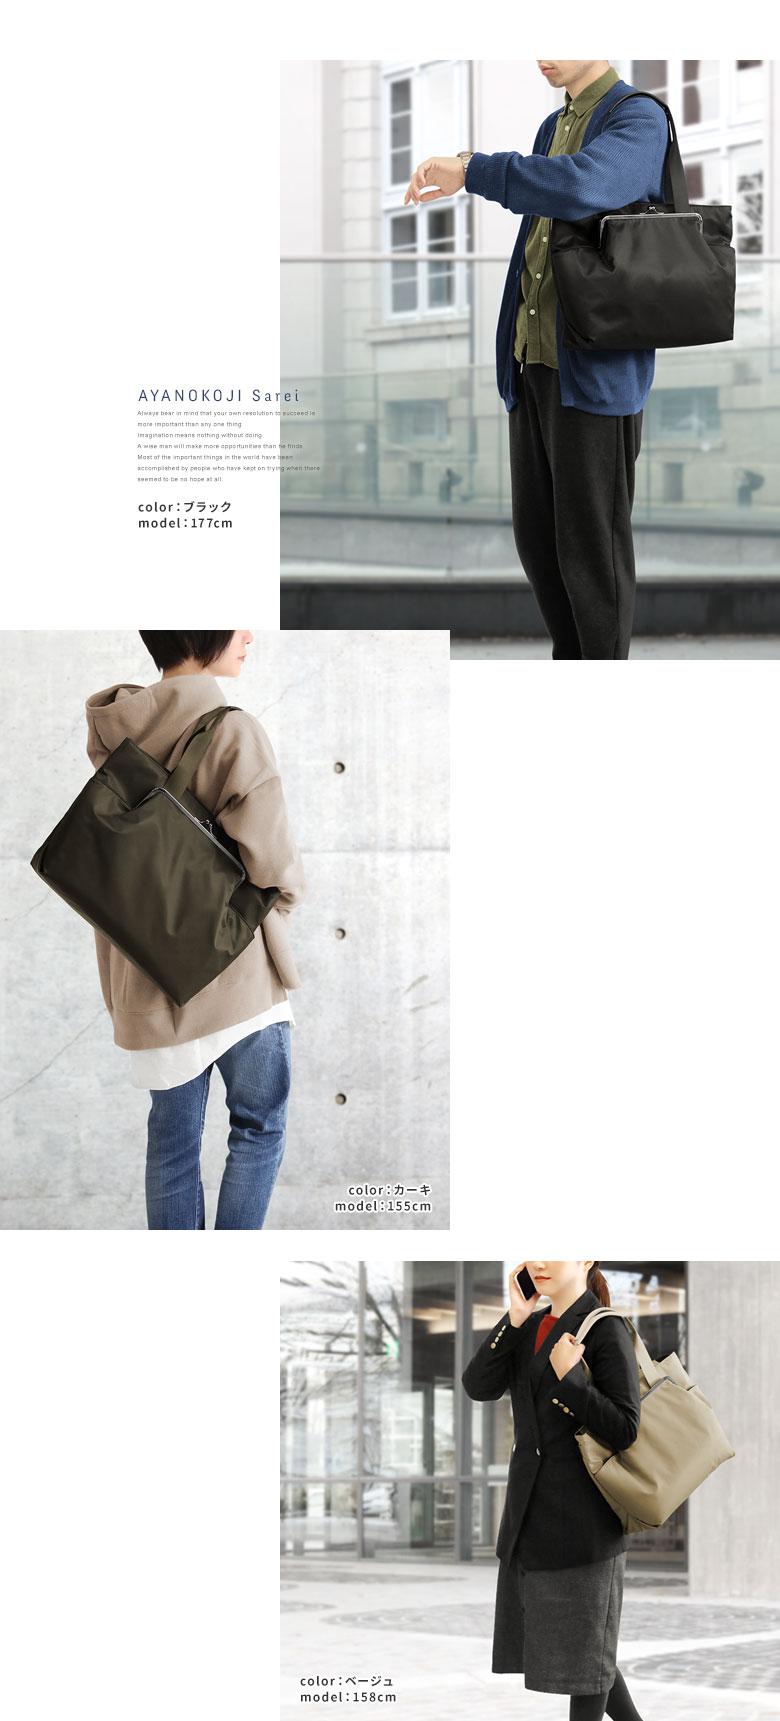 AYANOKOJI Sarei がま口ポケット付きビジネストートバッグ モデルコーディネートイメージ ベージュ ブラック (ロケ地 京都)